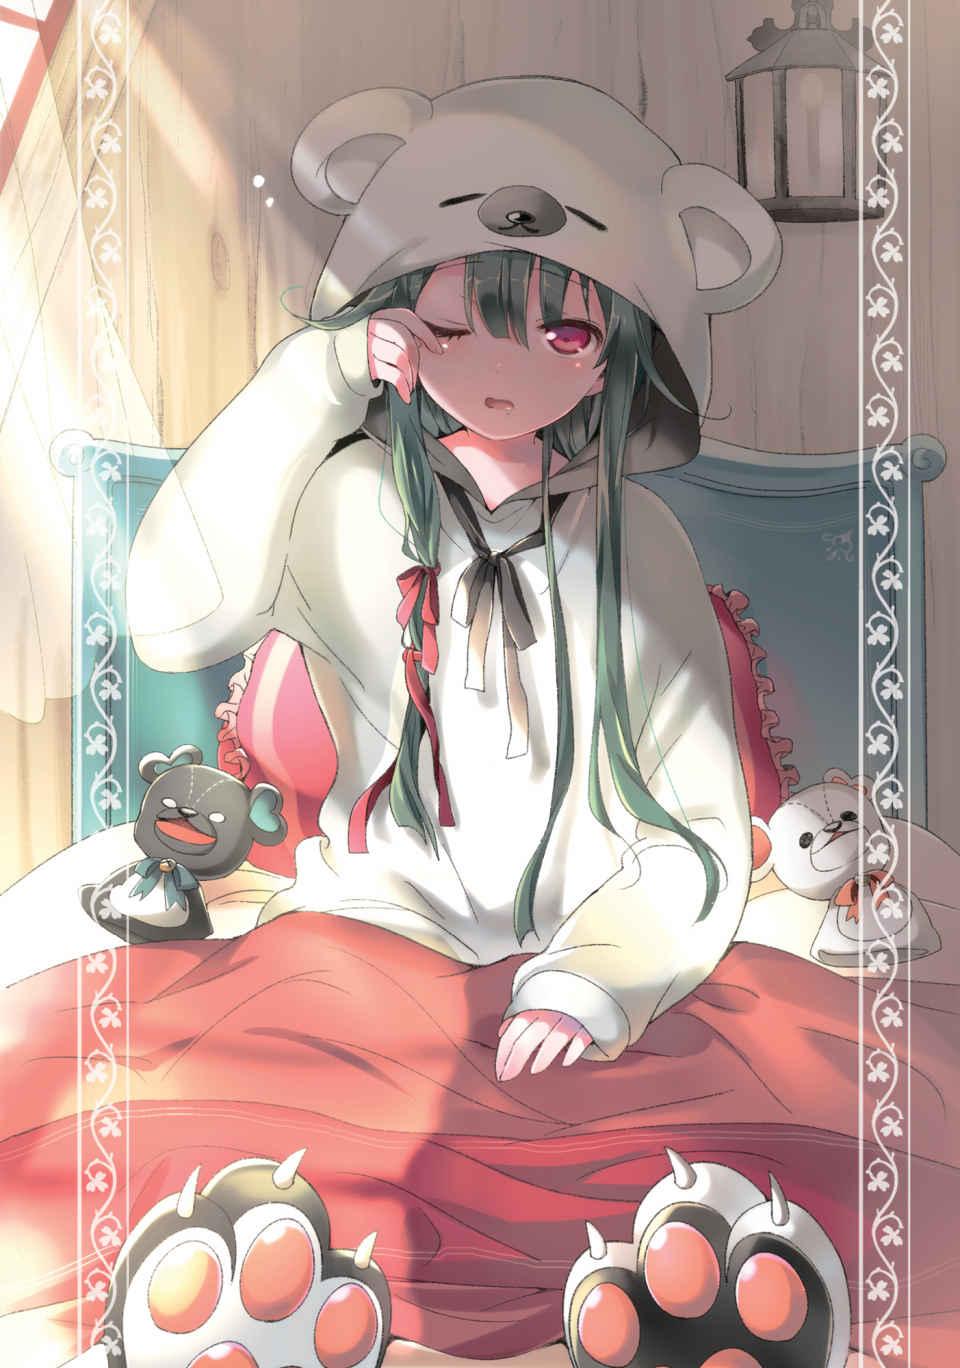 """Ilustración de Yuna que aparece en el Vol. 2 de """"Kuma Kuma Kuma Bear"""", obra de 029. Si te gustan las chicas """"cutes"""" de anime, has llegado al lugar indicado."""